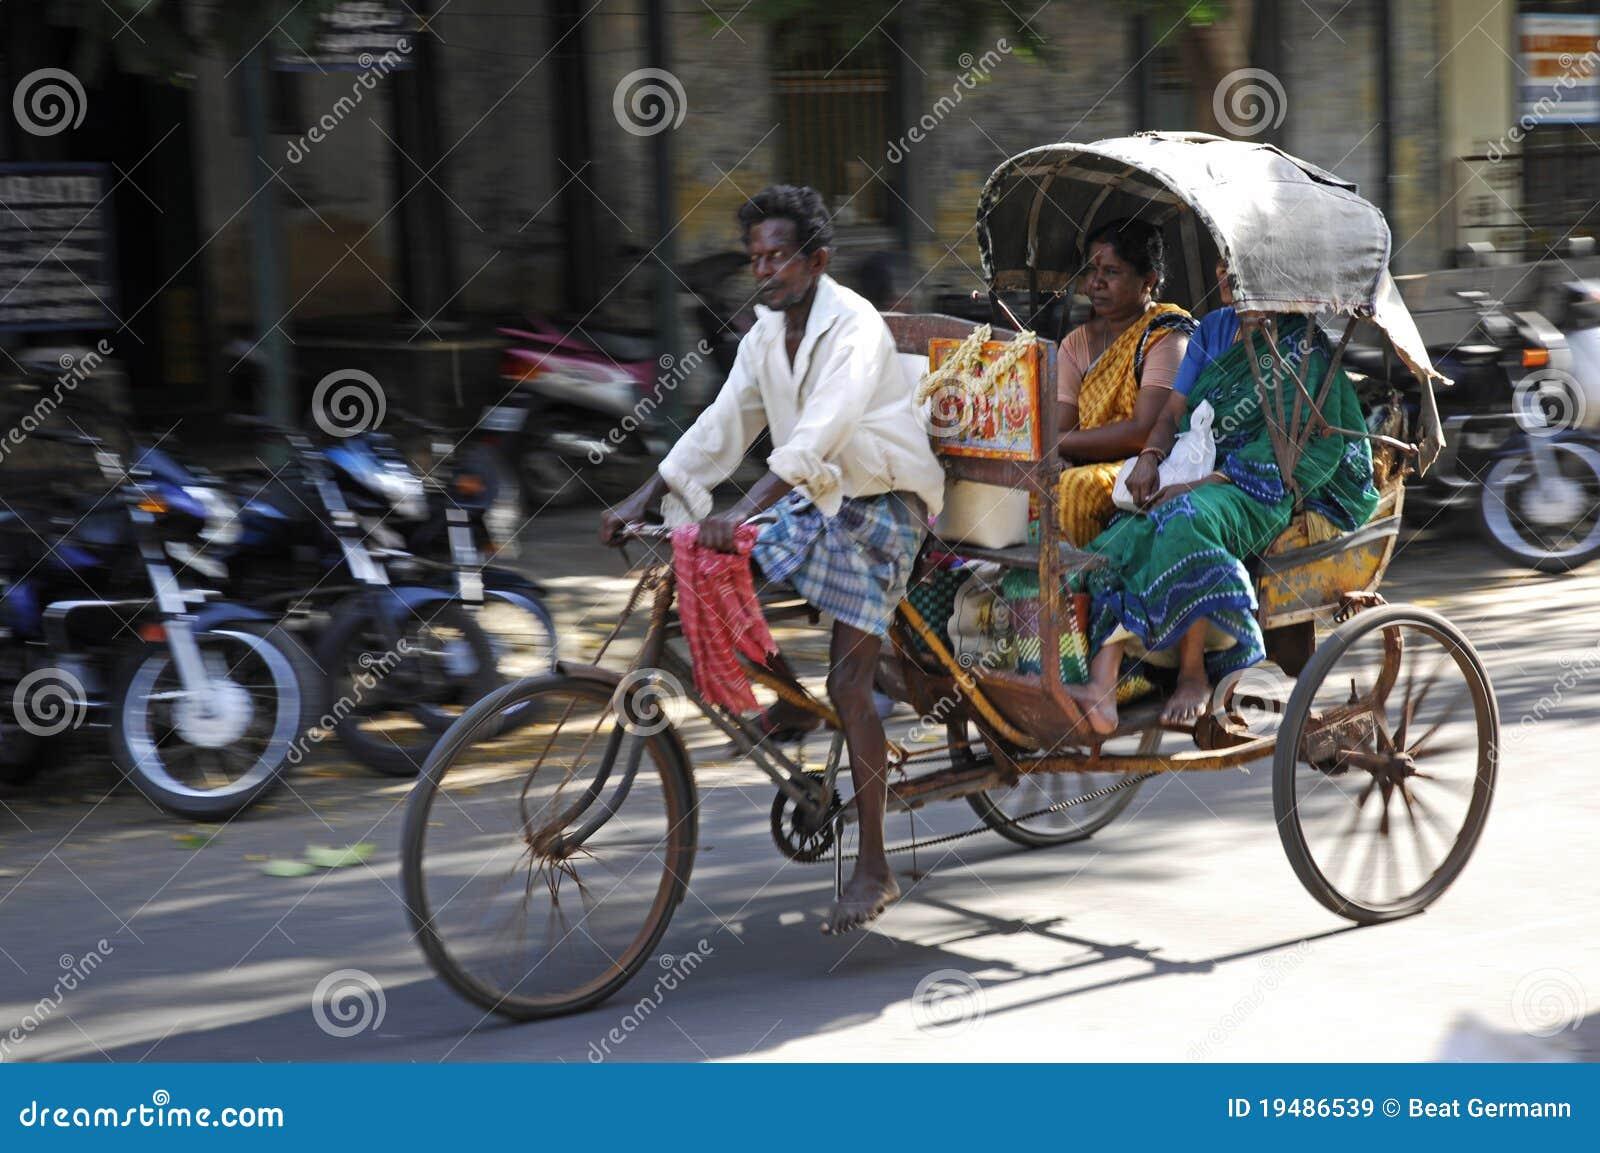 Man with Riksha in Jaipur, India